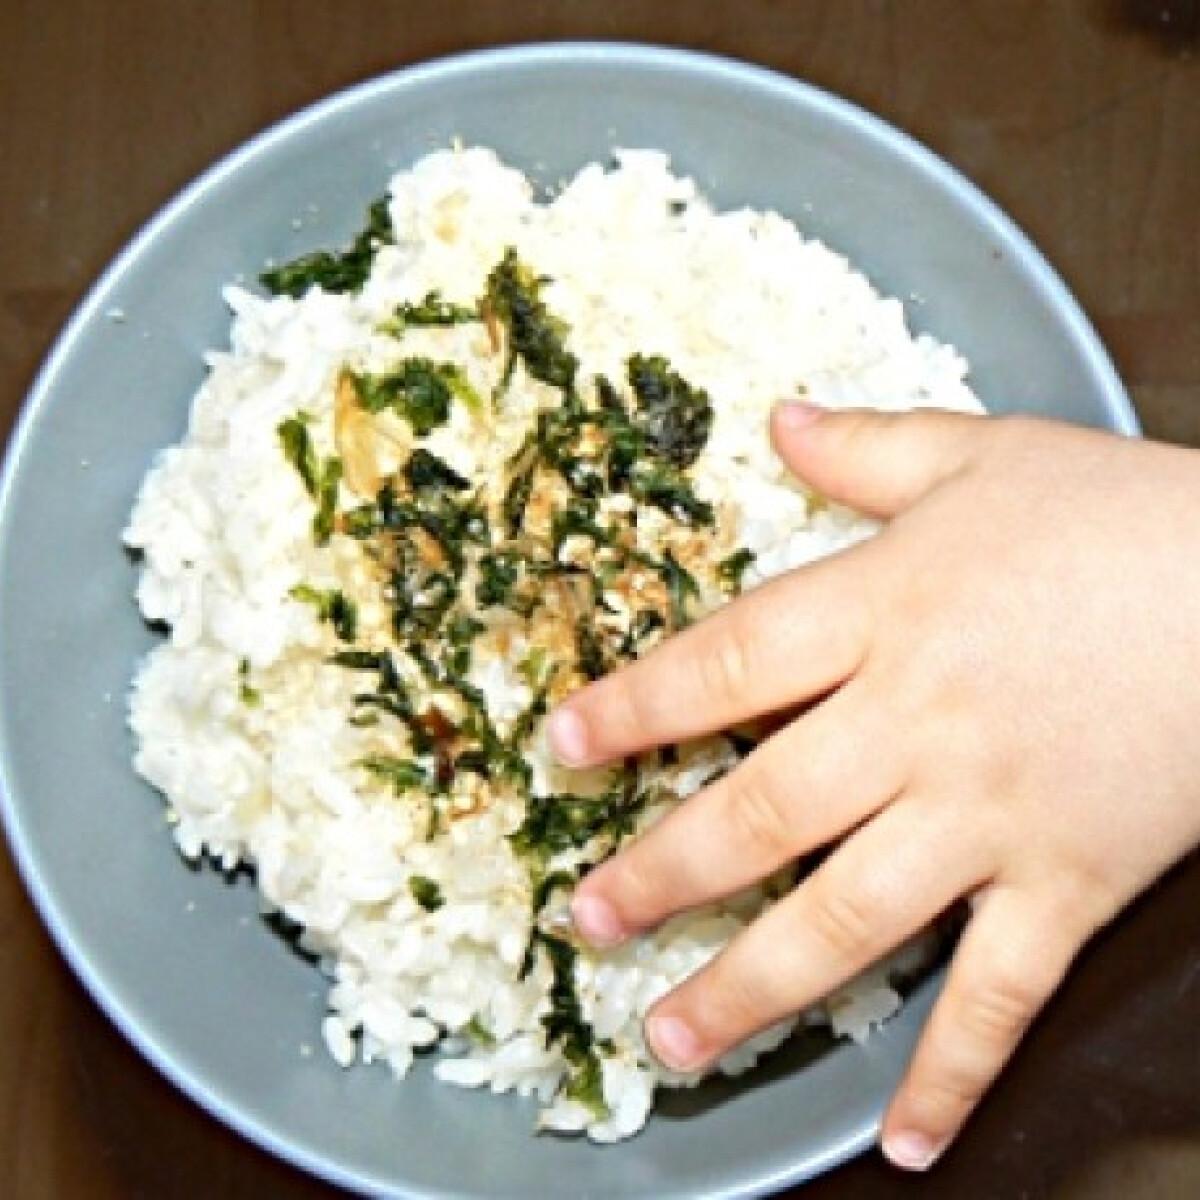 Tapadósra főzött rizs ázsiai ételekhez